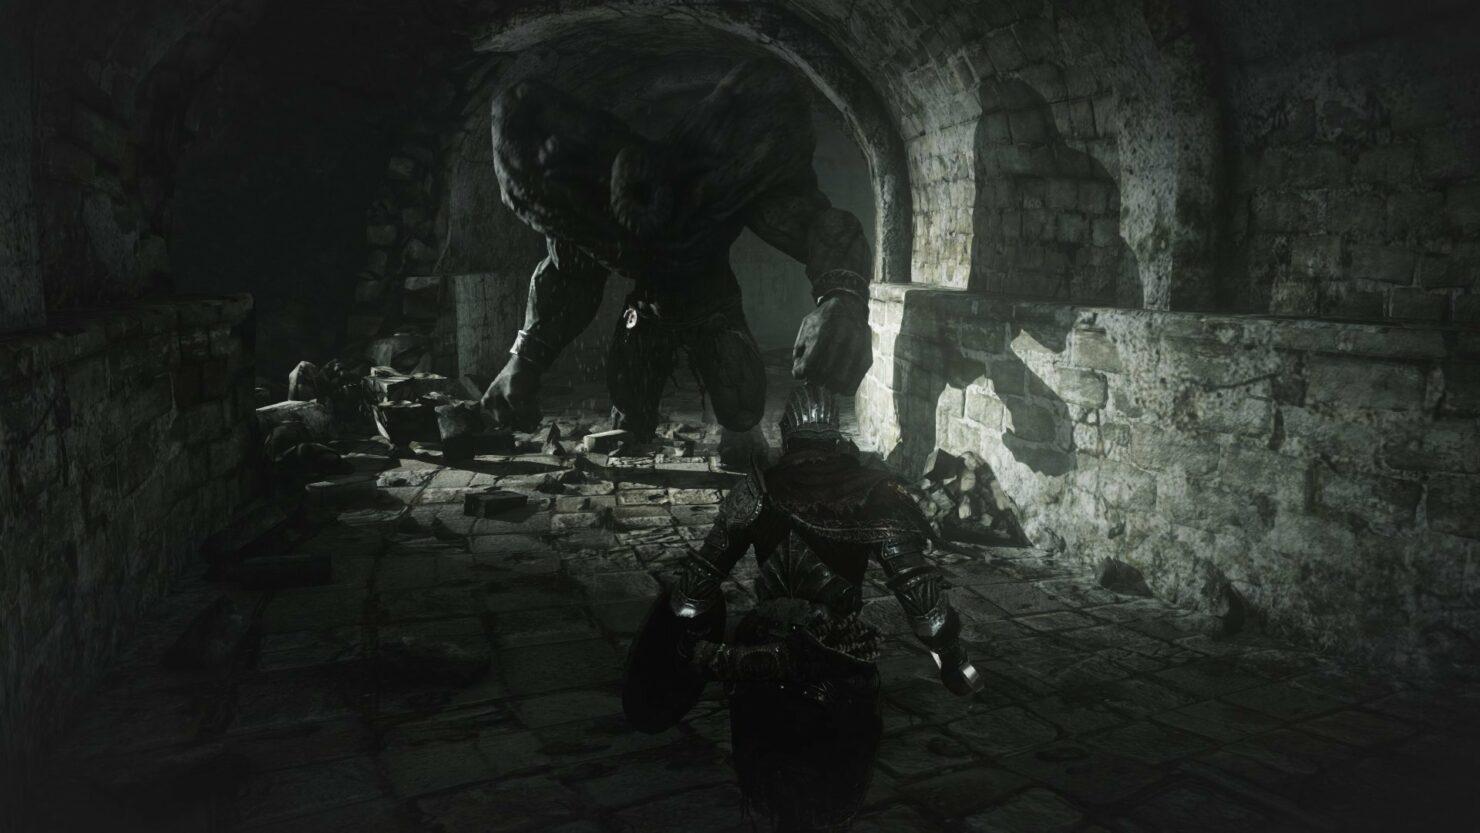 anyconv-com__dark-souls-2-graphics-lighting-mod-flames-of-old-4